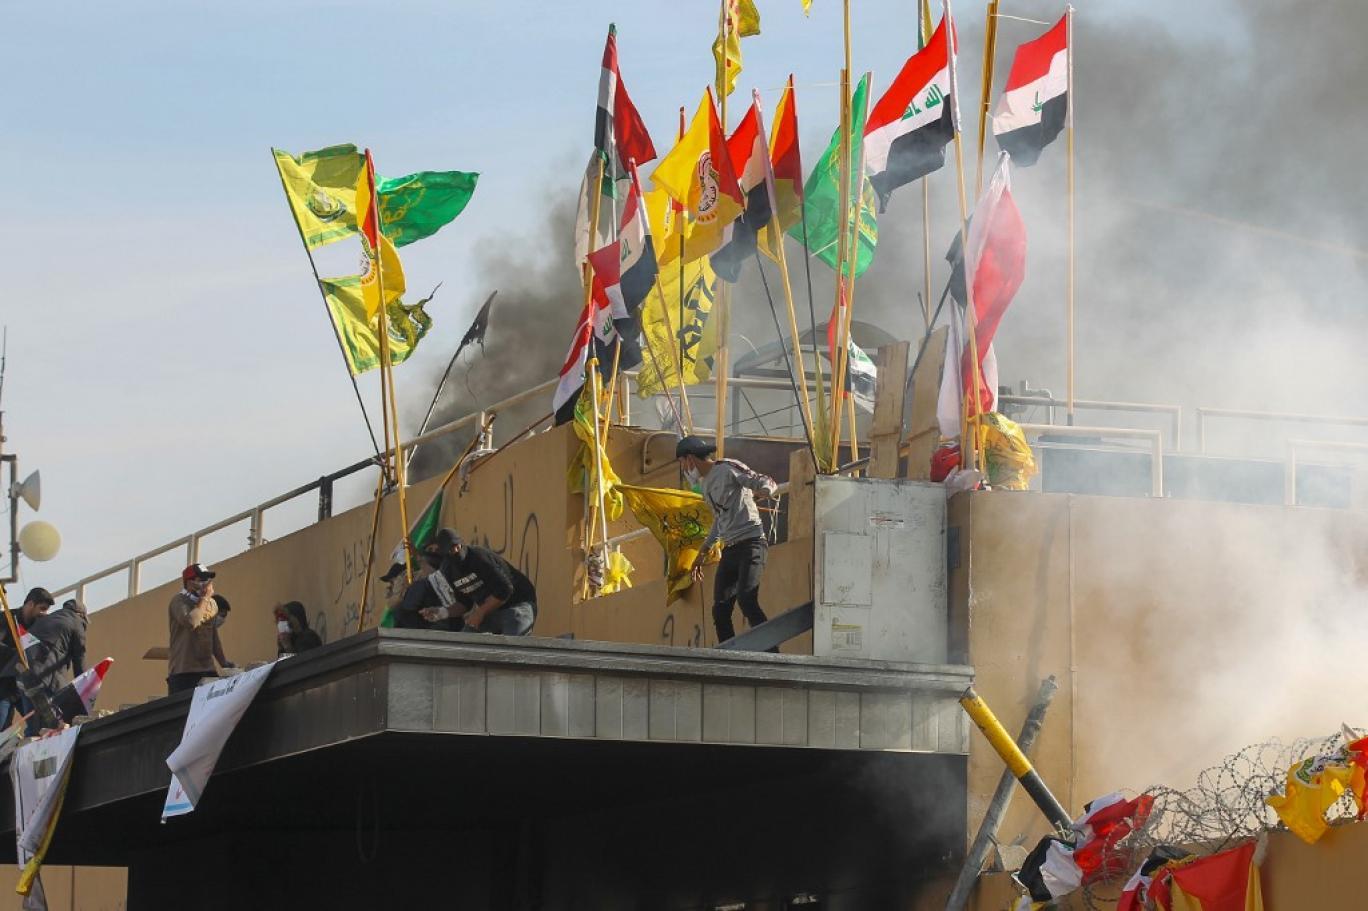 باقتحام السفارة .. طهران حاولت اعاقة التظاهرات الشعبية